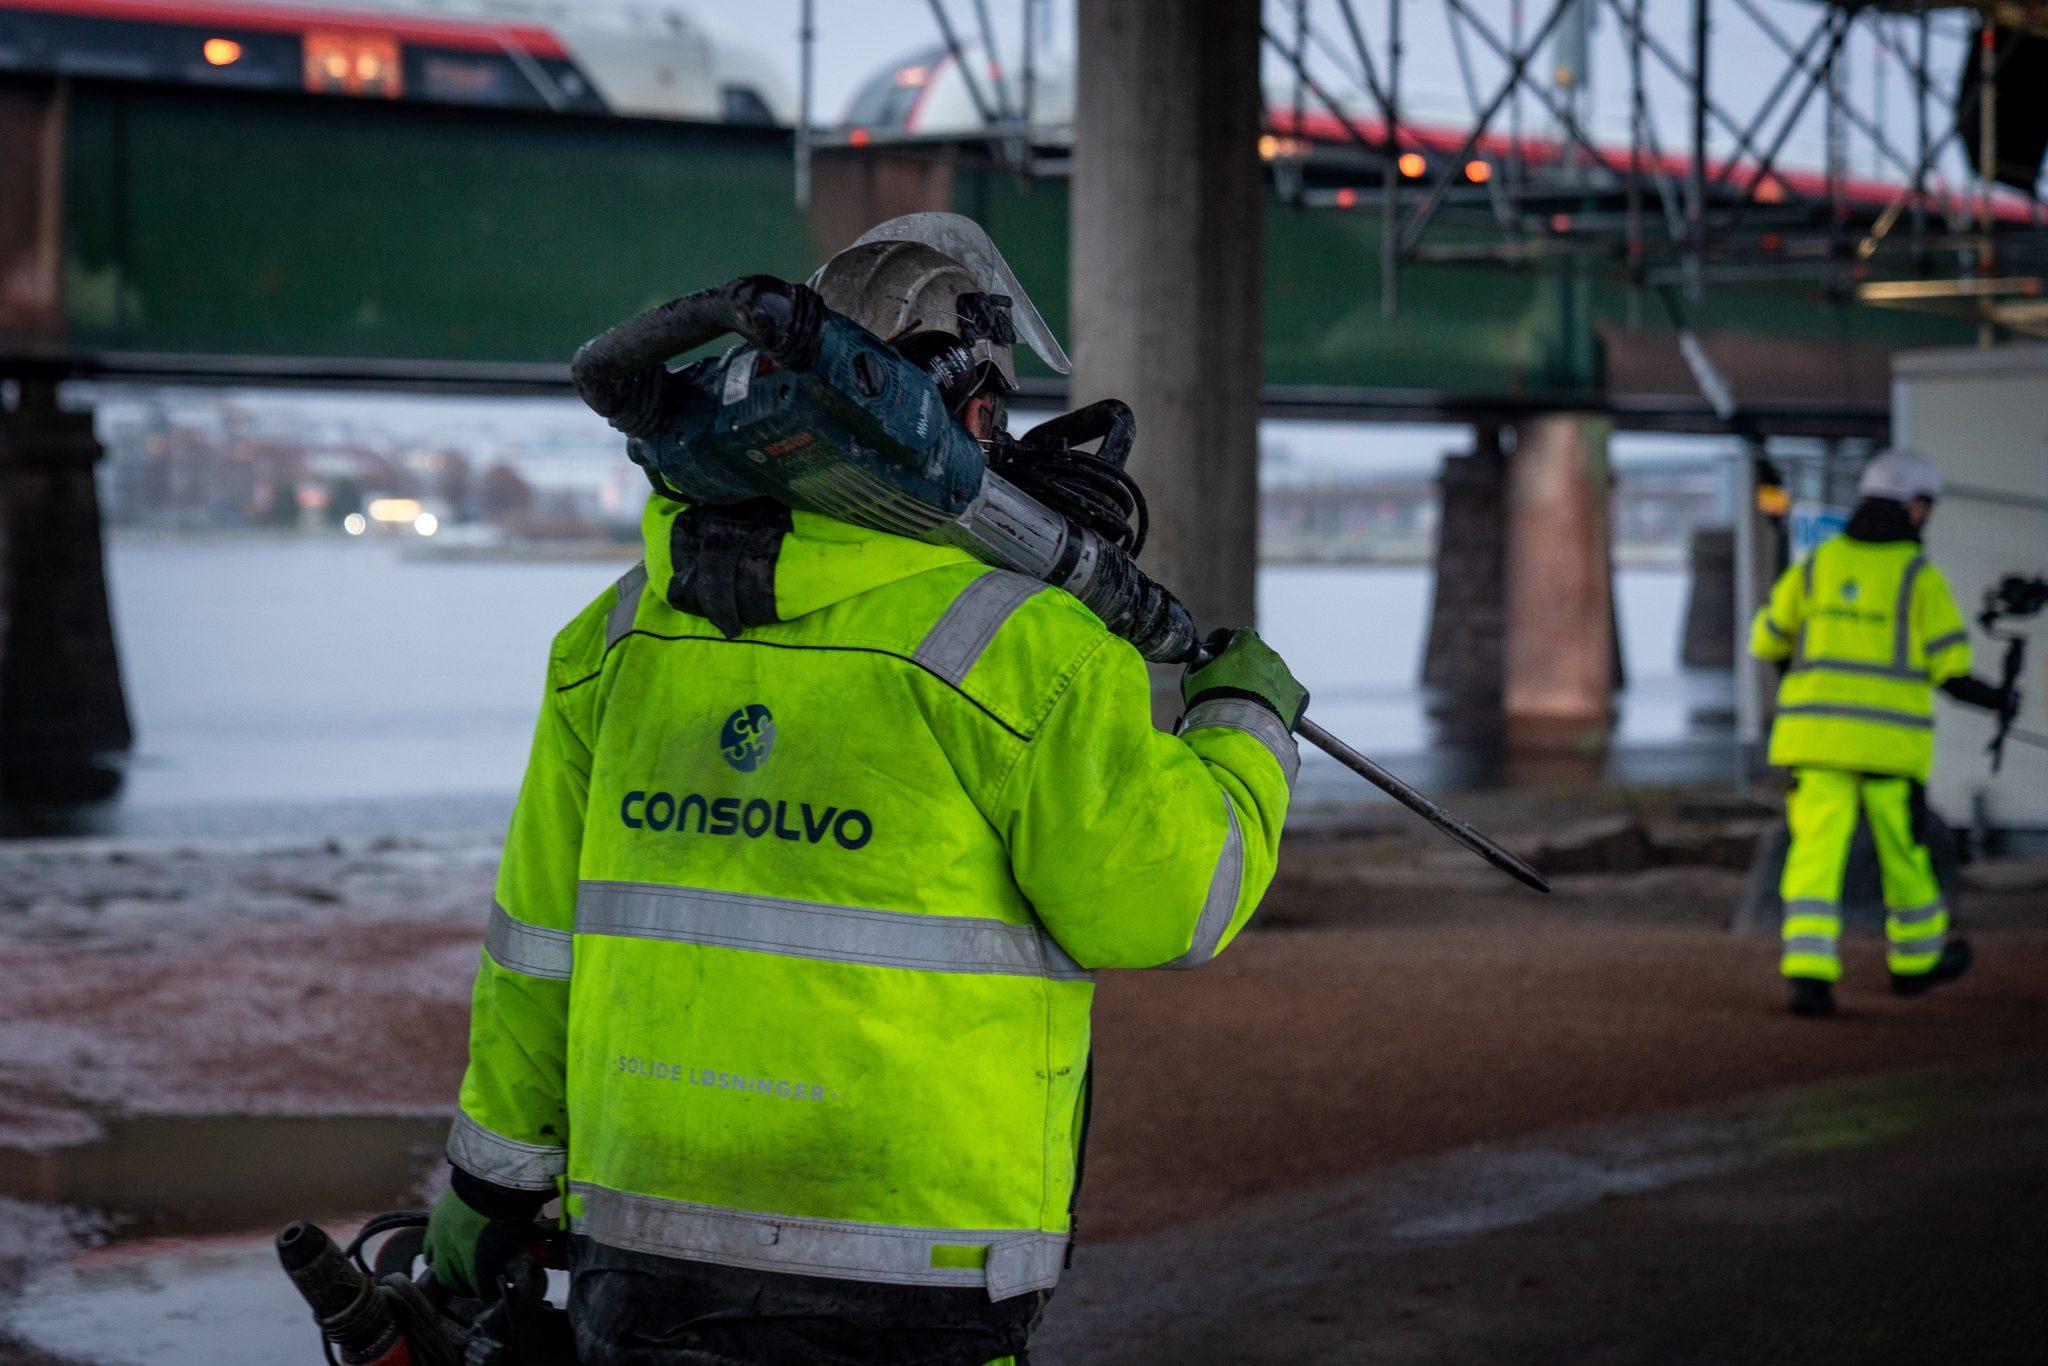 Consolvo ISO-sertifisert innen kvalitet og miljø